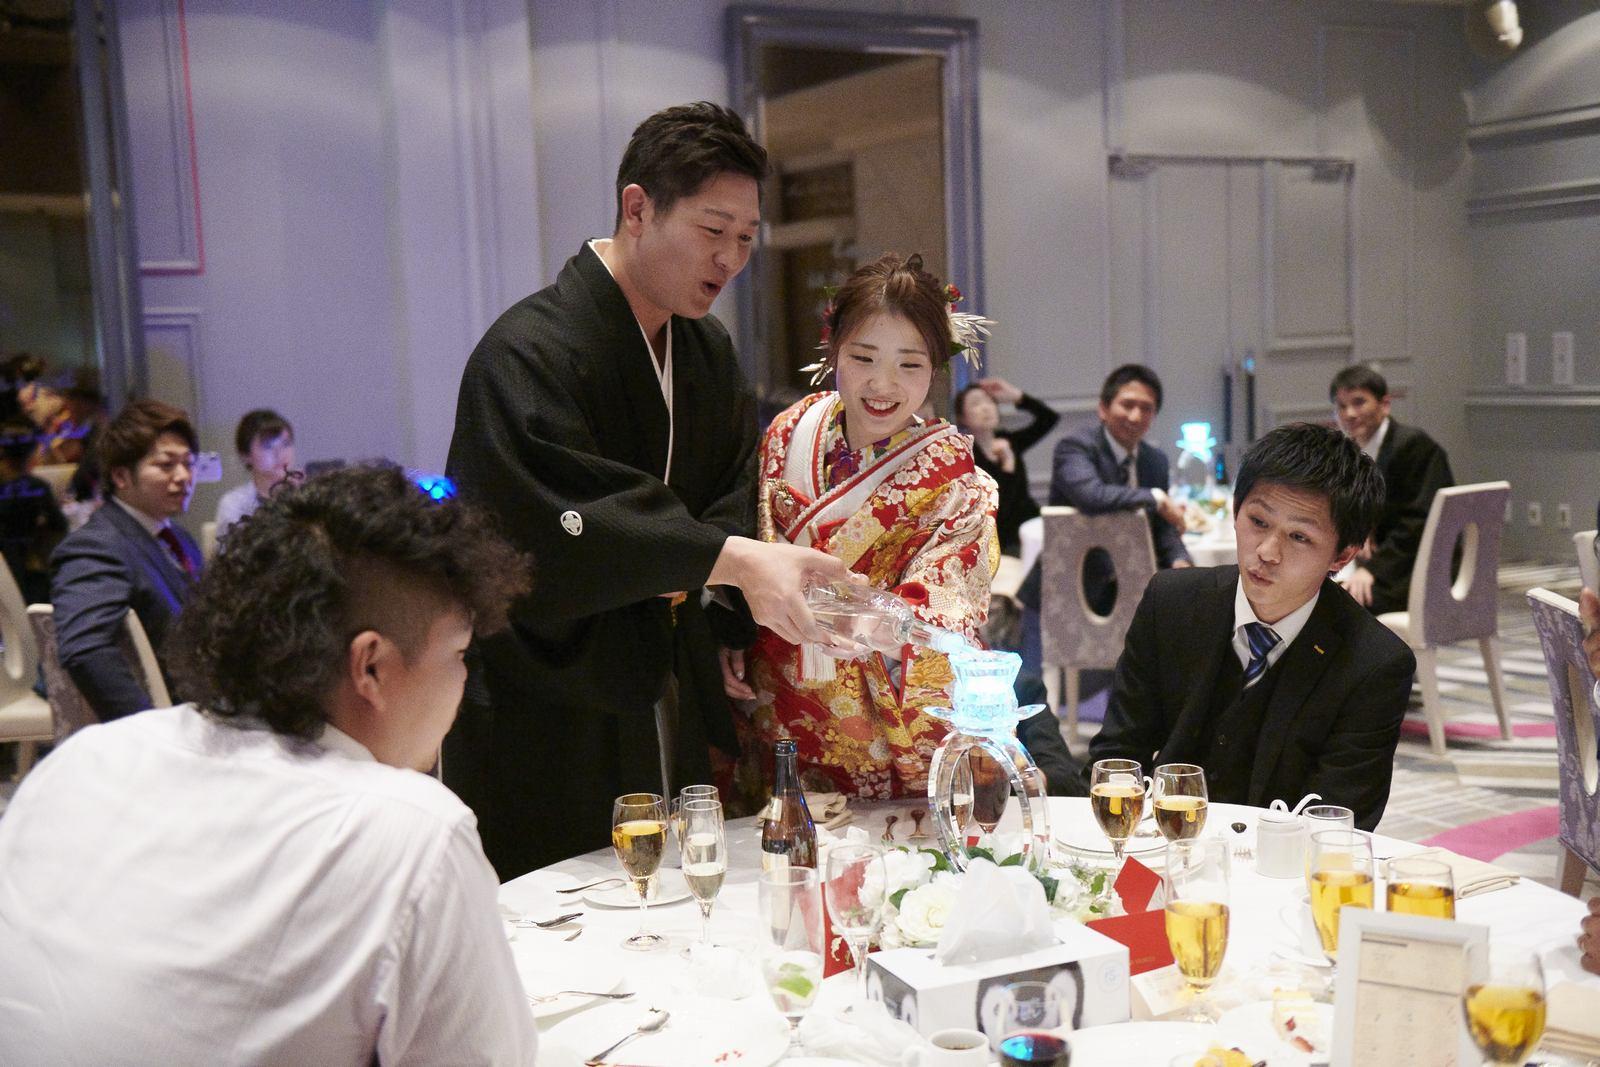 徳島市の結婚式場ブランアンジュで演出スターライトイリュージョンでゲスト卓をまわる新郎新婦様